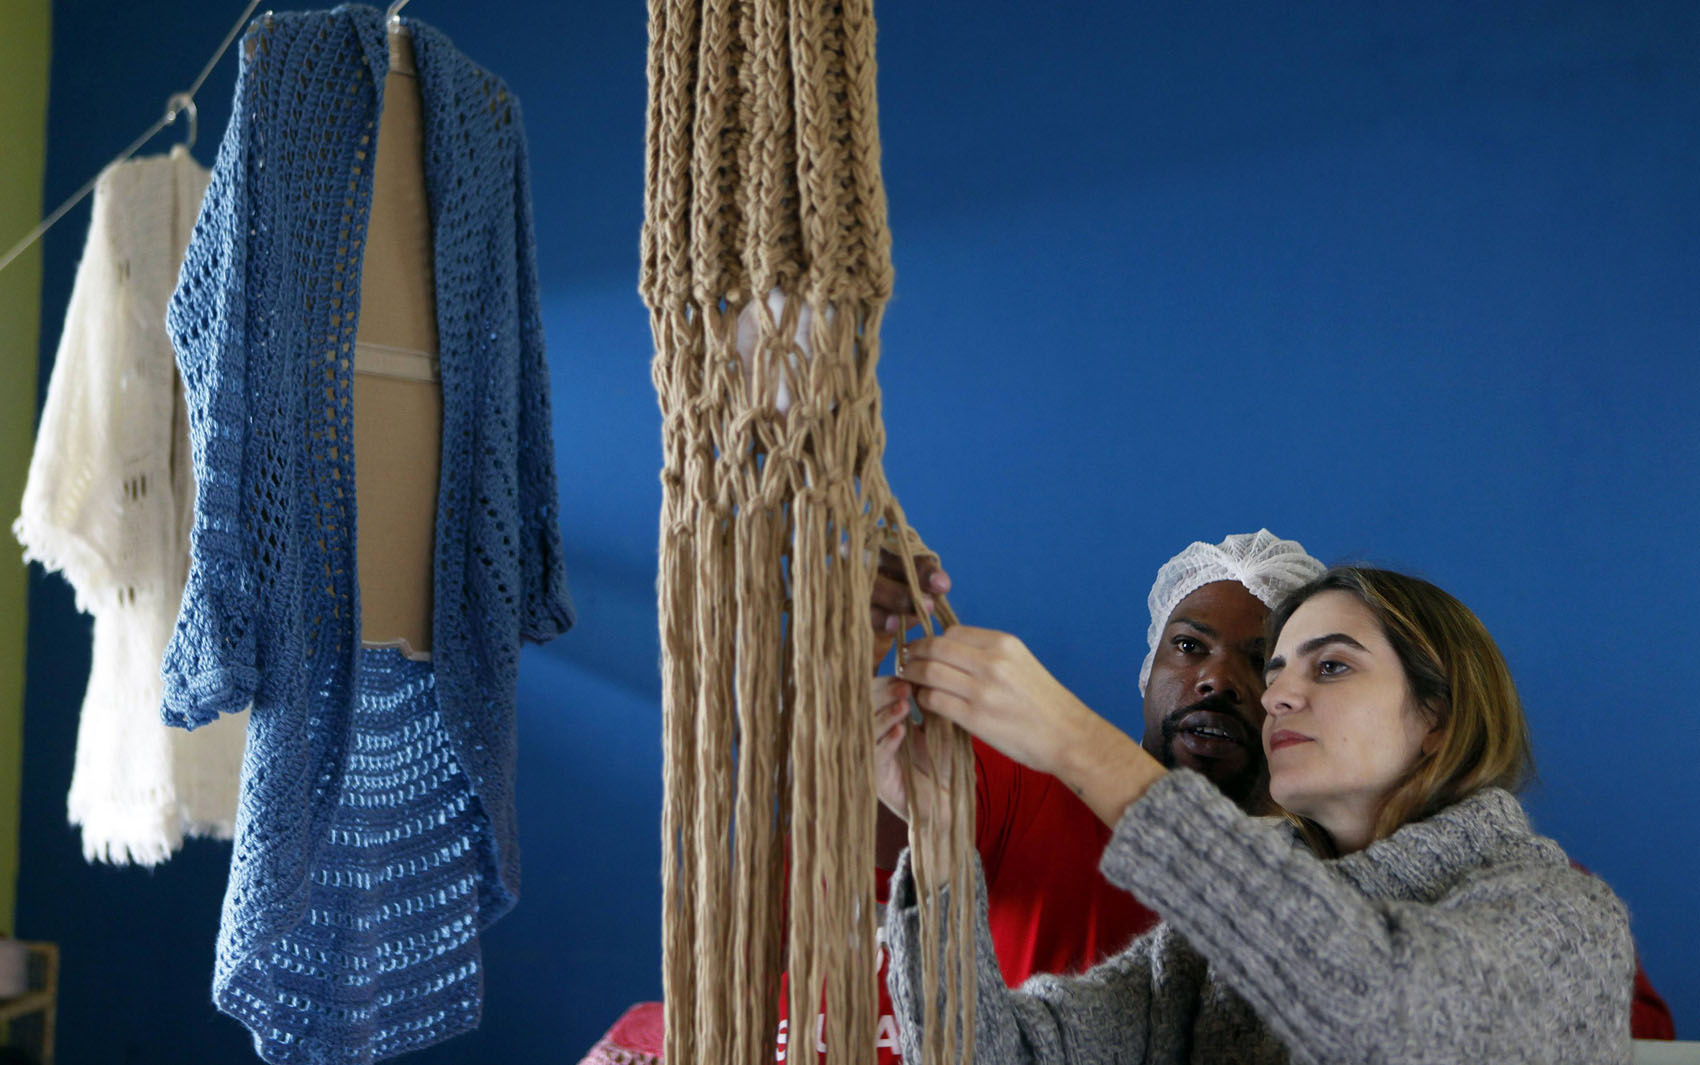 A estilista Raquel Guimarães supervisiona o tricô feito por um preso em Juiz de Fora.